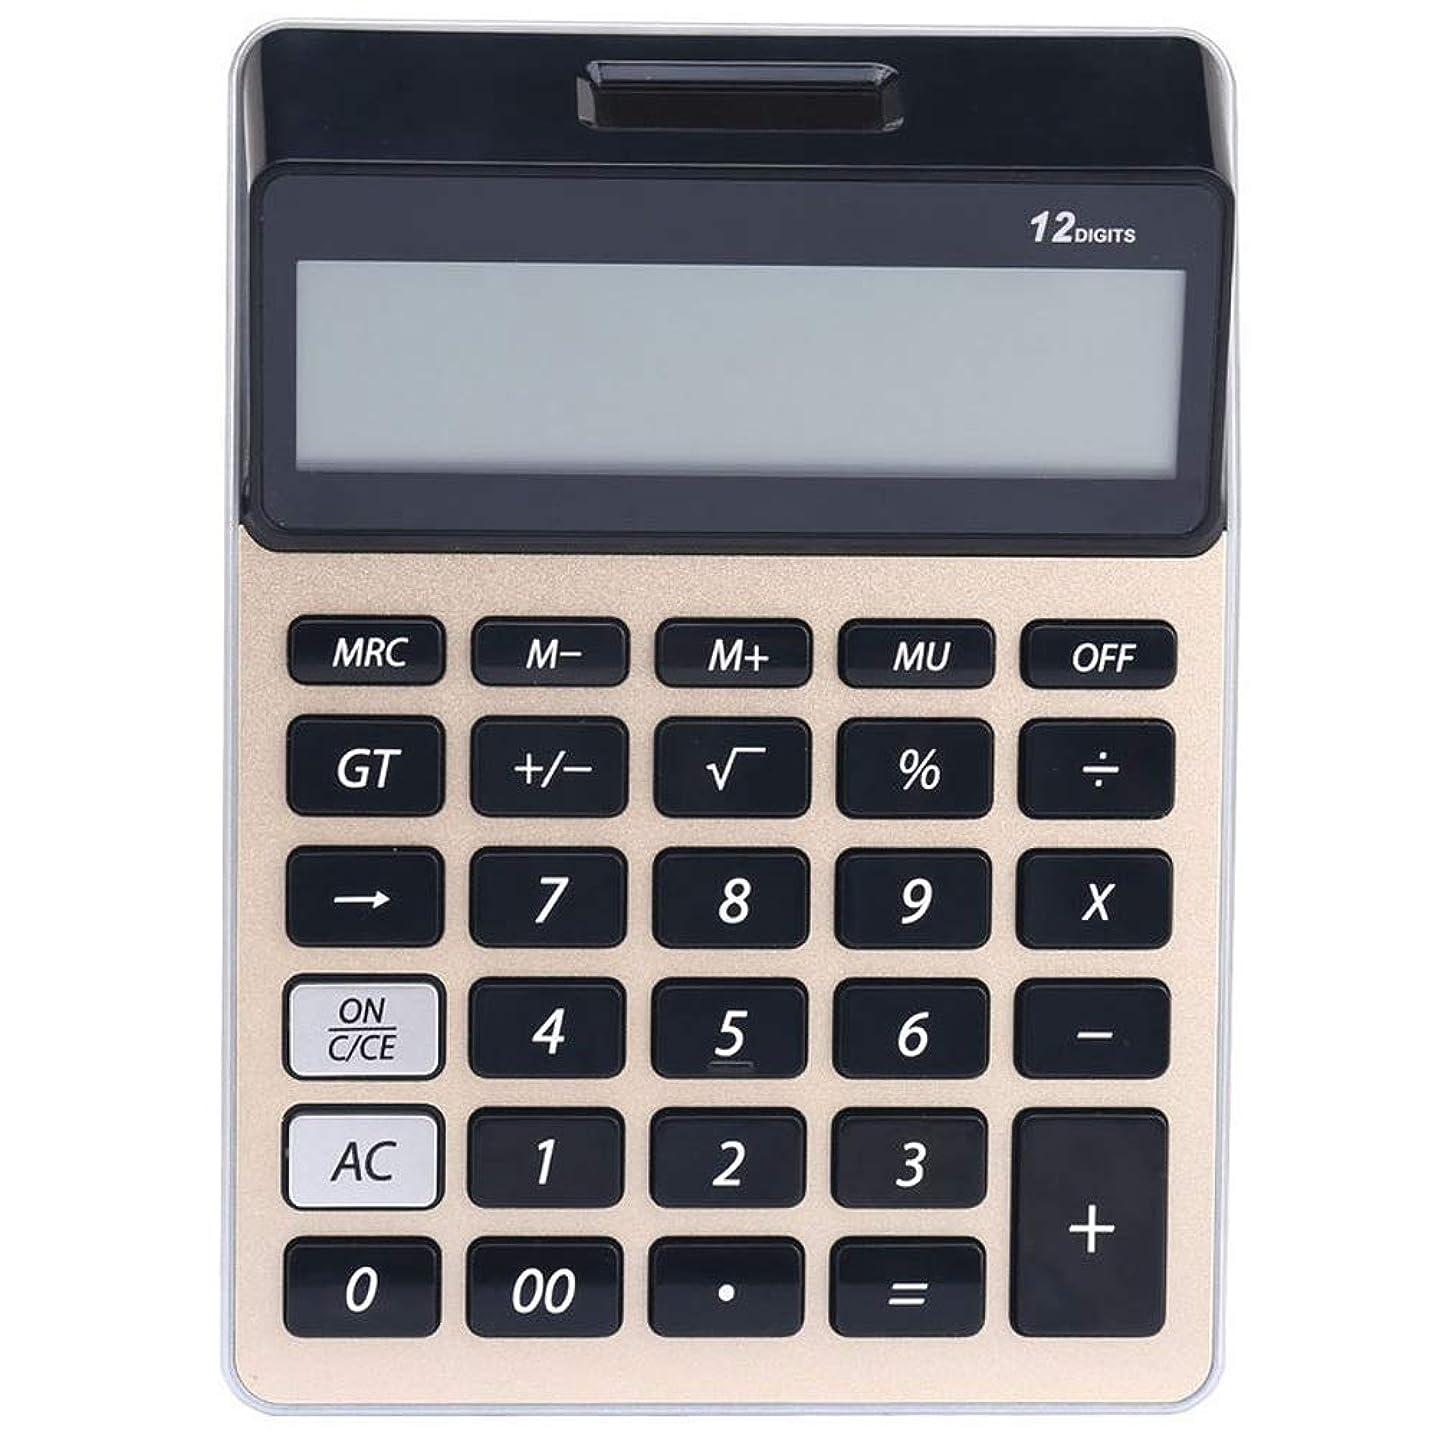 不倫ベール単調な電卓 12桁の大型ディスプレイ、太陽電池のLCDディスプレイオフィス電卓と電卓電卓電卓 ビジネス電卓 (色 : ゴールド)